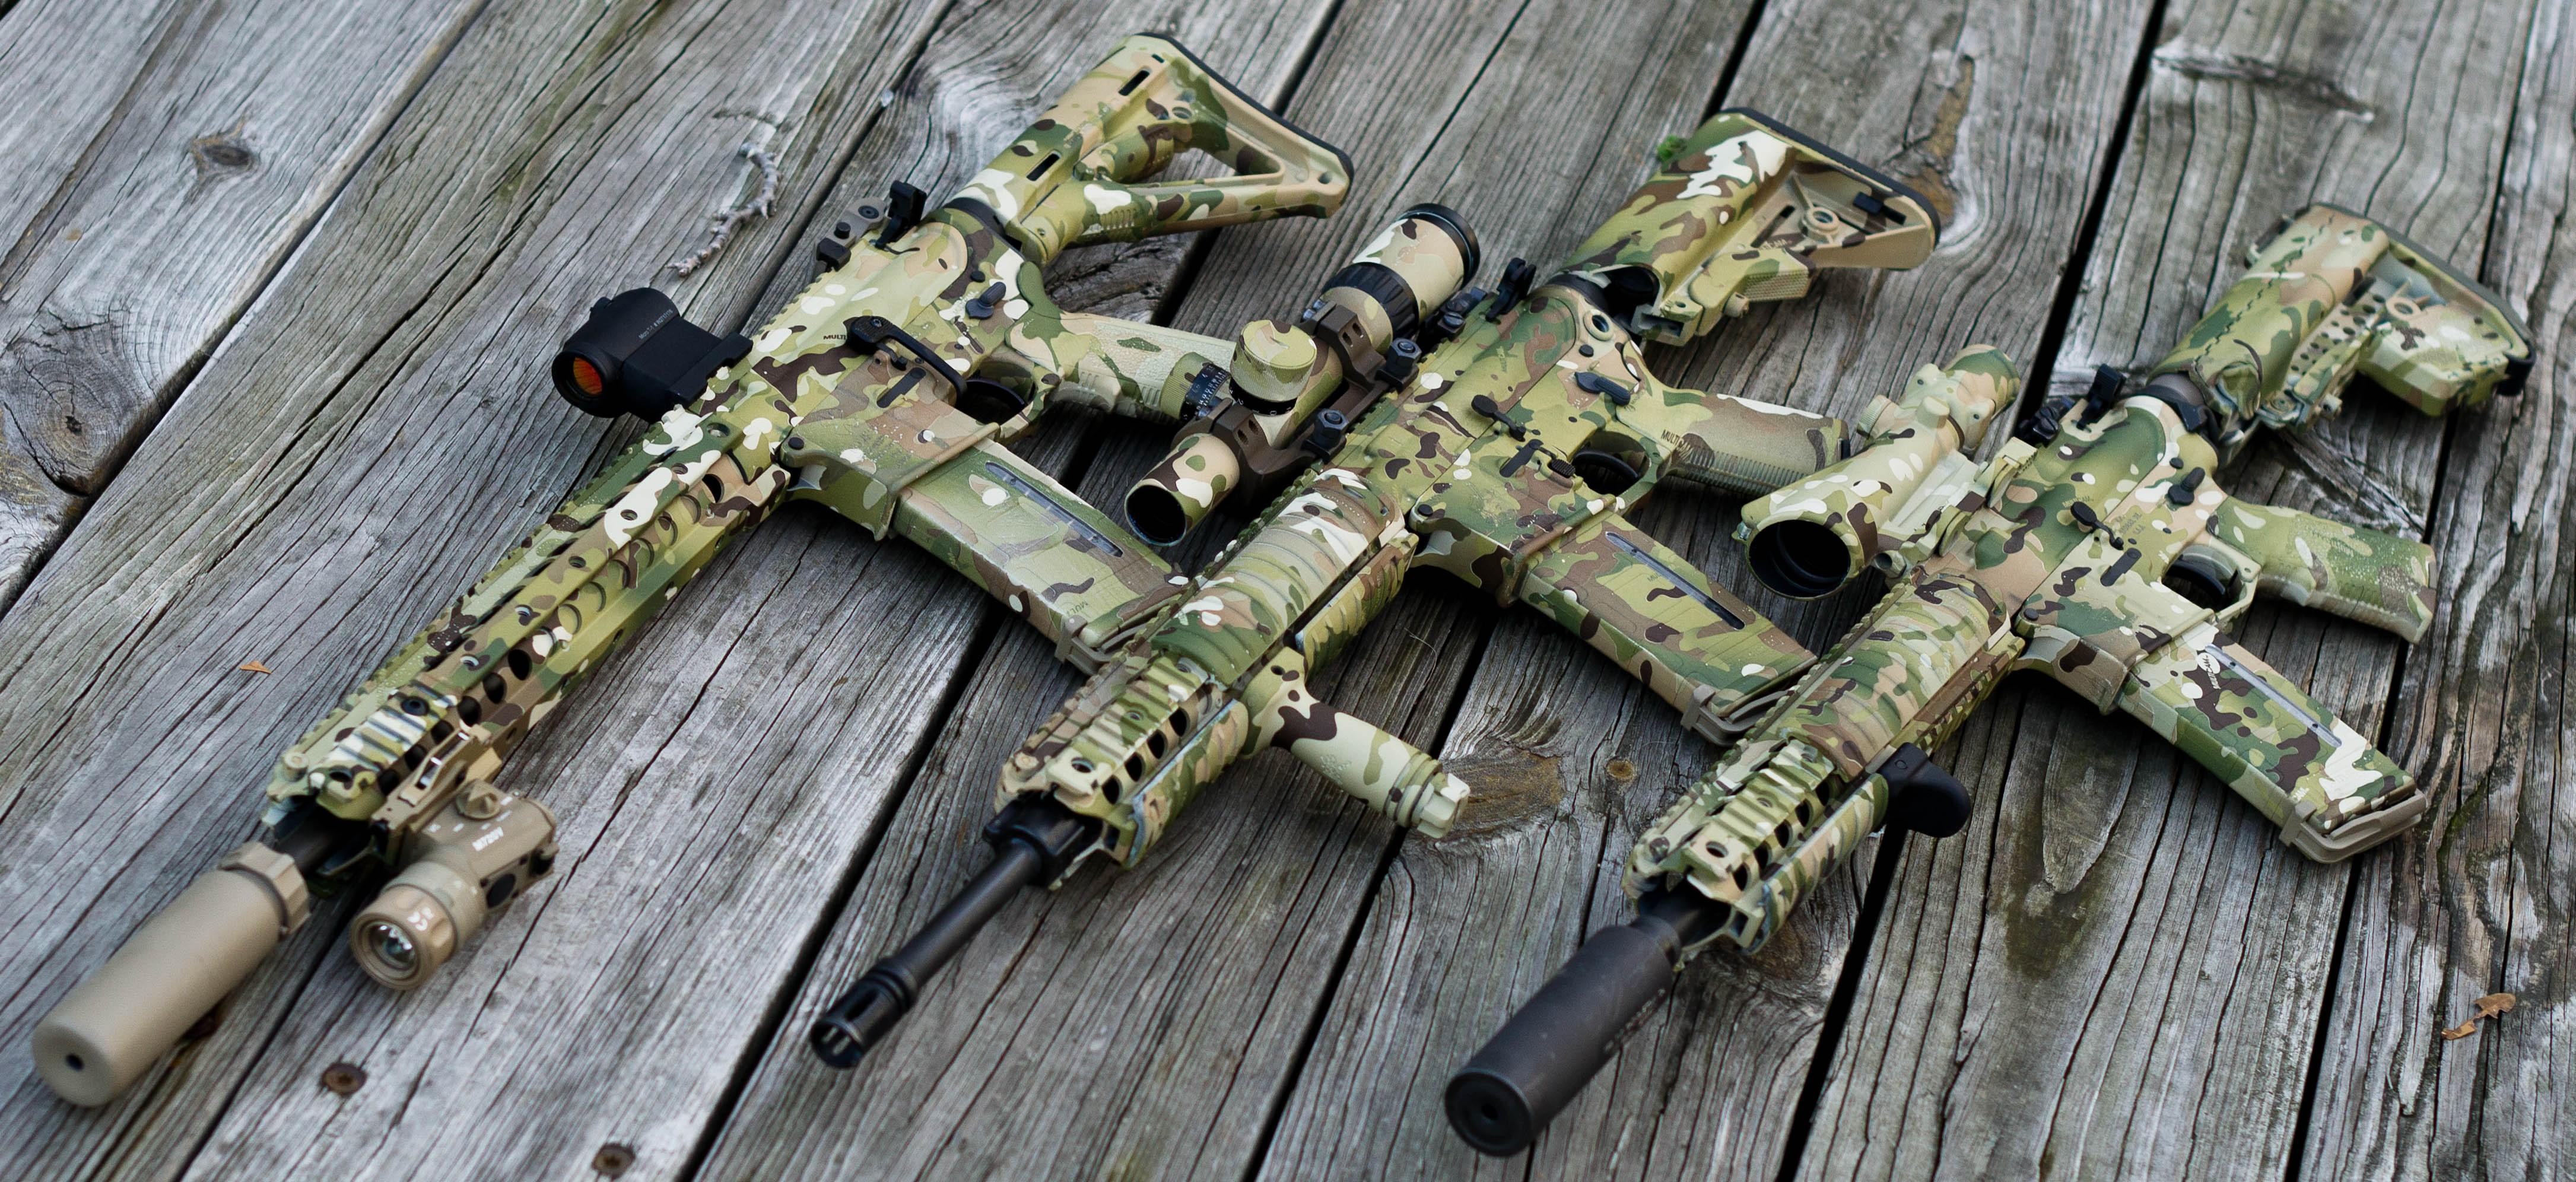 Ar 15 Rifle Custom